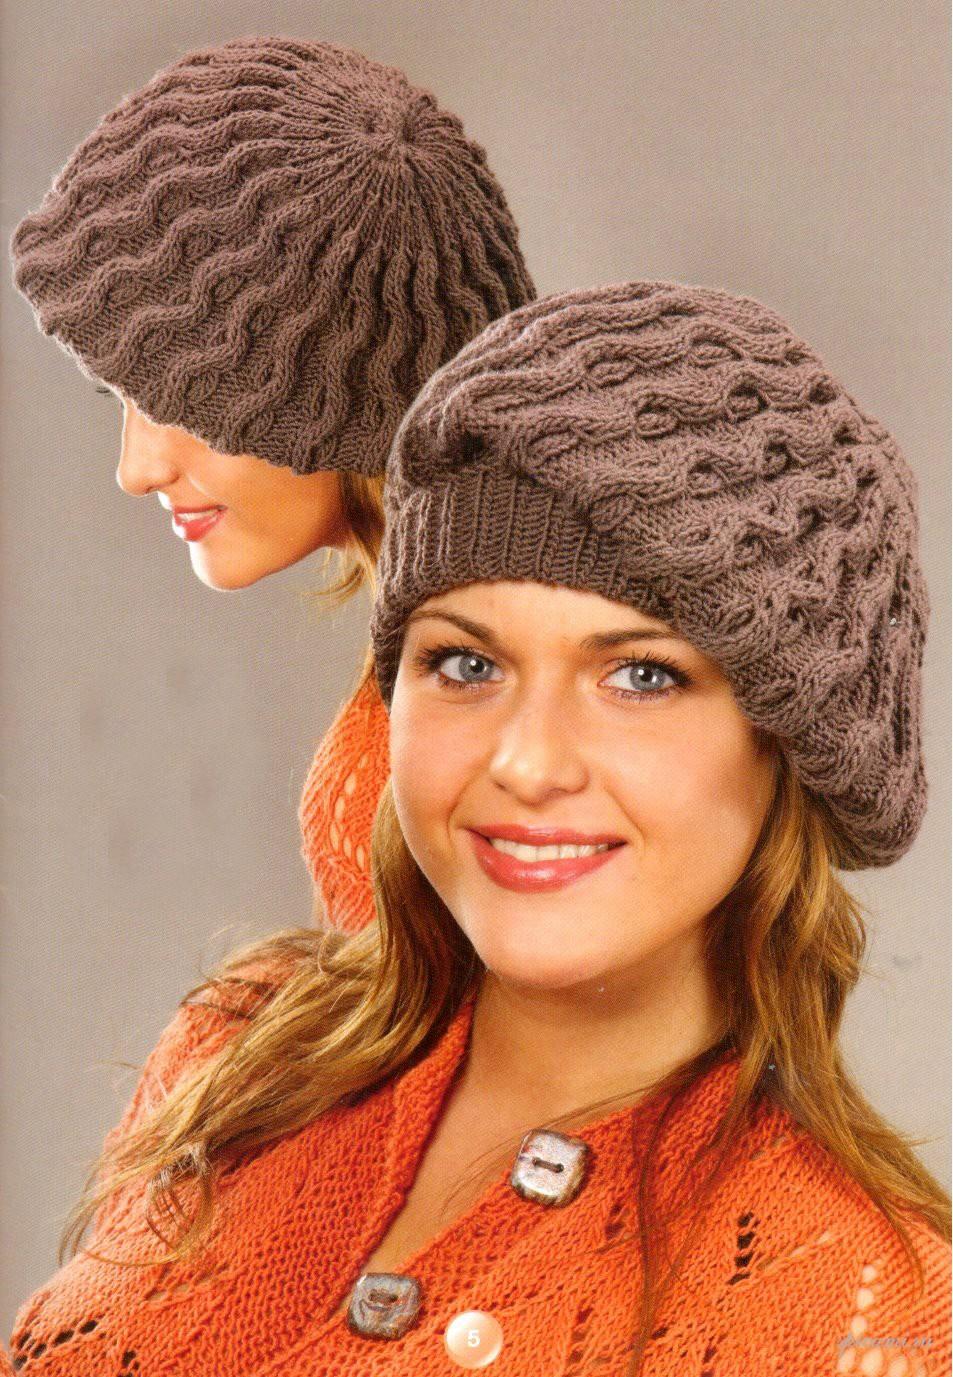 Конец. опубликована хорошая подборка по вязаным шапкам, все модели даны с описанием.  Метки. шапка.